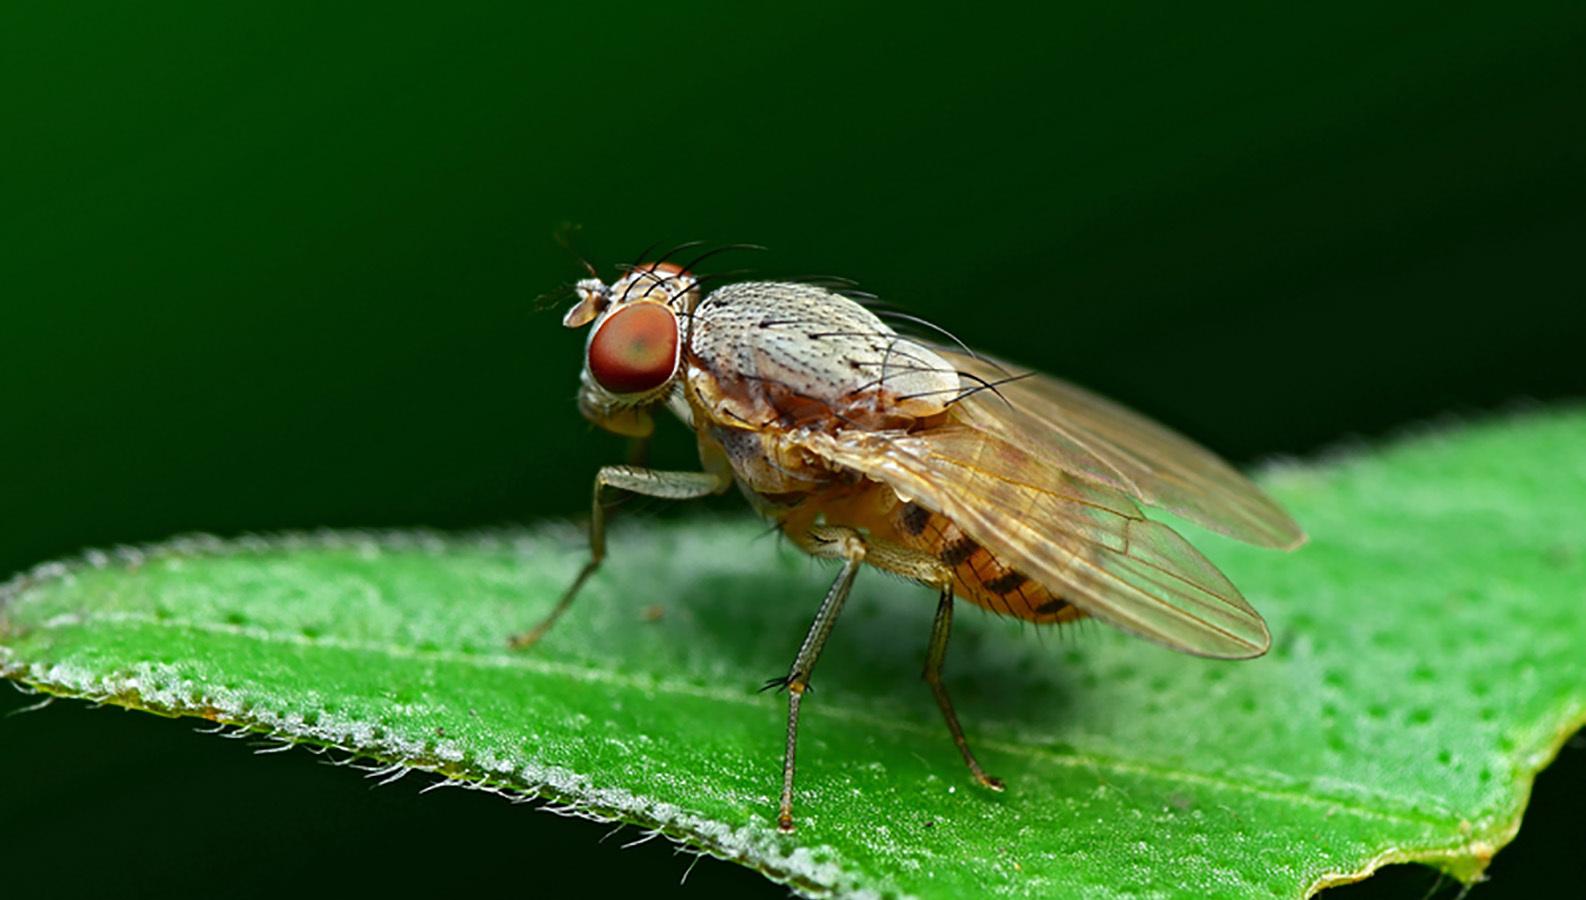 Российские ученые разрабатывают антибиотик из мух